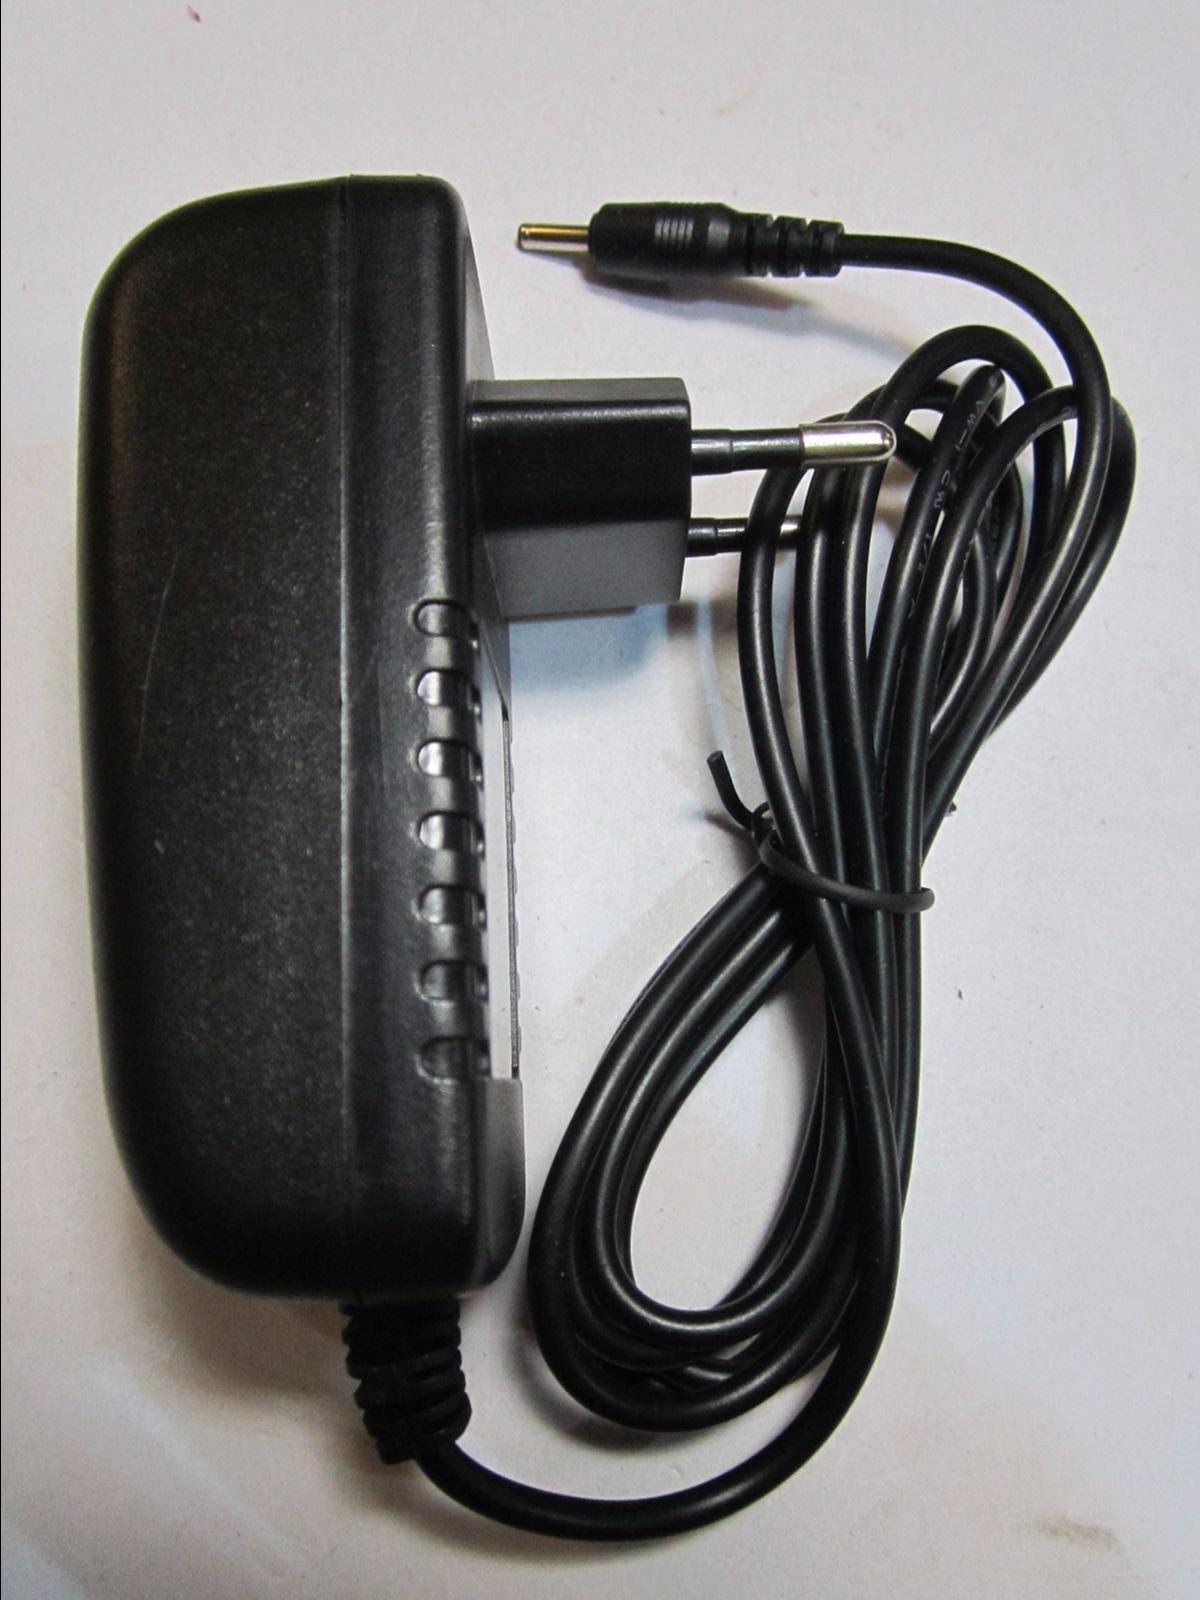 Europea-dell-039-Unione-europea-12V-Acer-Iconia-A500-Tablet-Scheda-rete-AC-DC-adattatore